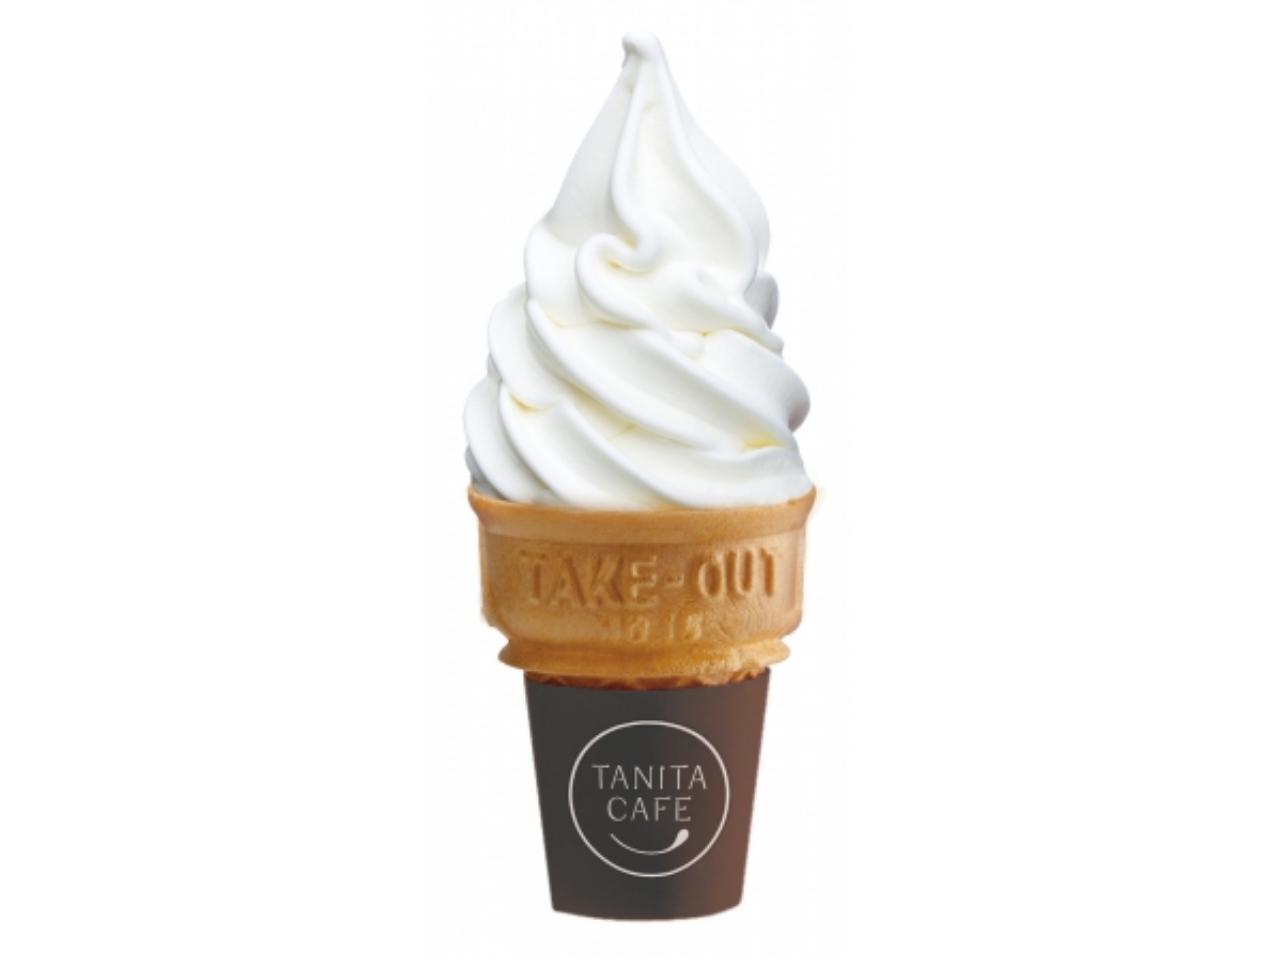 タニタカフェで豆乳ソフトクリームのフルーツソース無料キャンペーンが開始